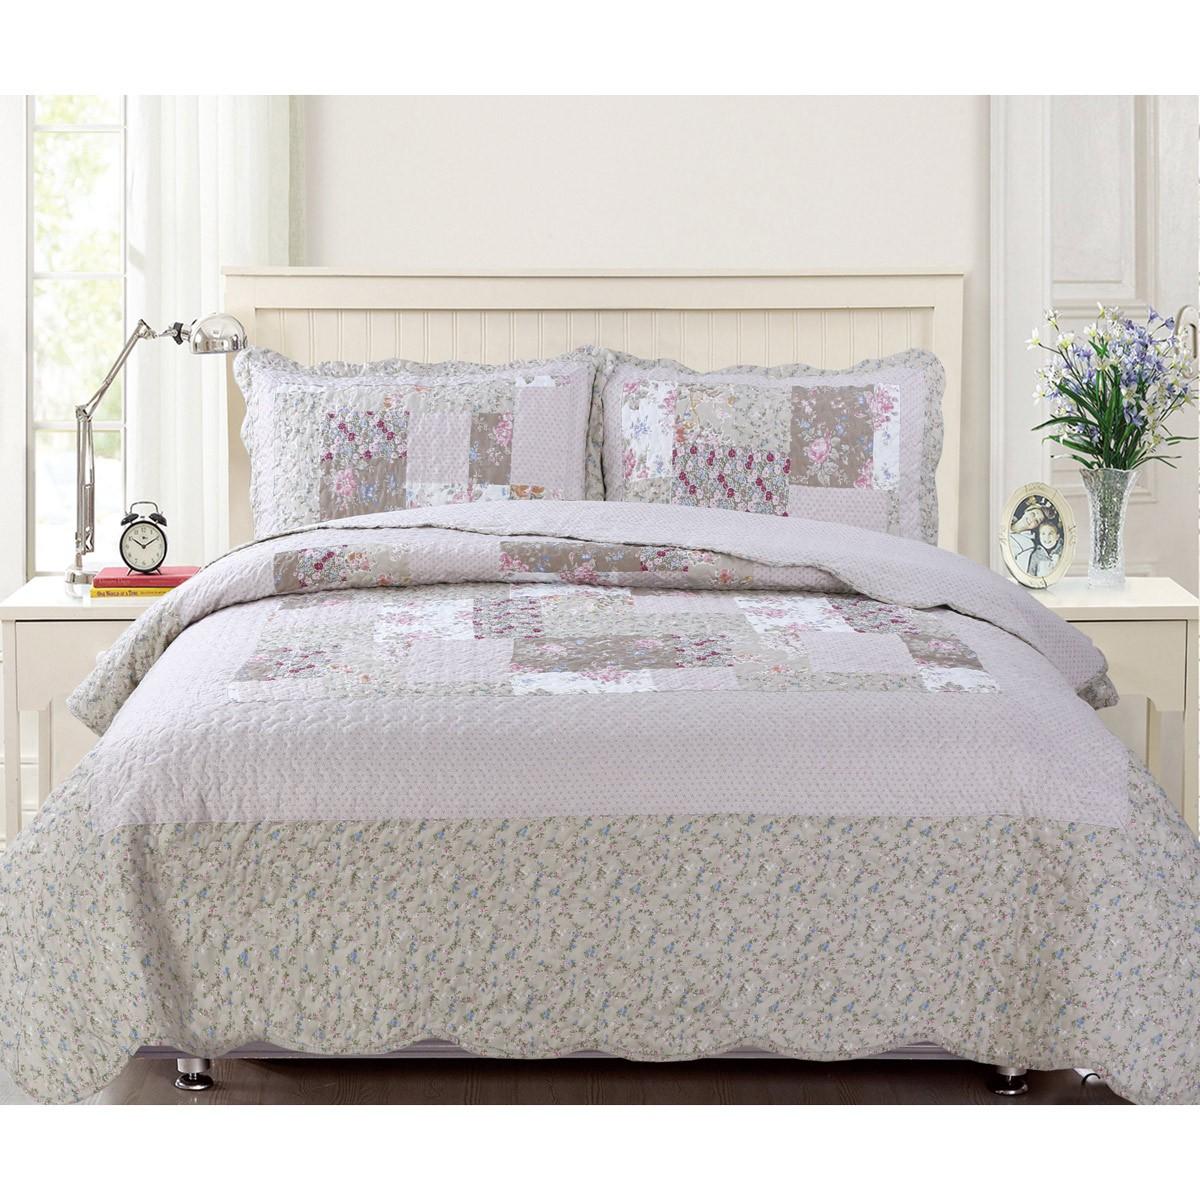 Κουβερλί Μονό (Σετ) Viopros 5210 home   κρεβατοκάμαρα   κουβερλί   κουβερλί μονά